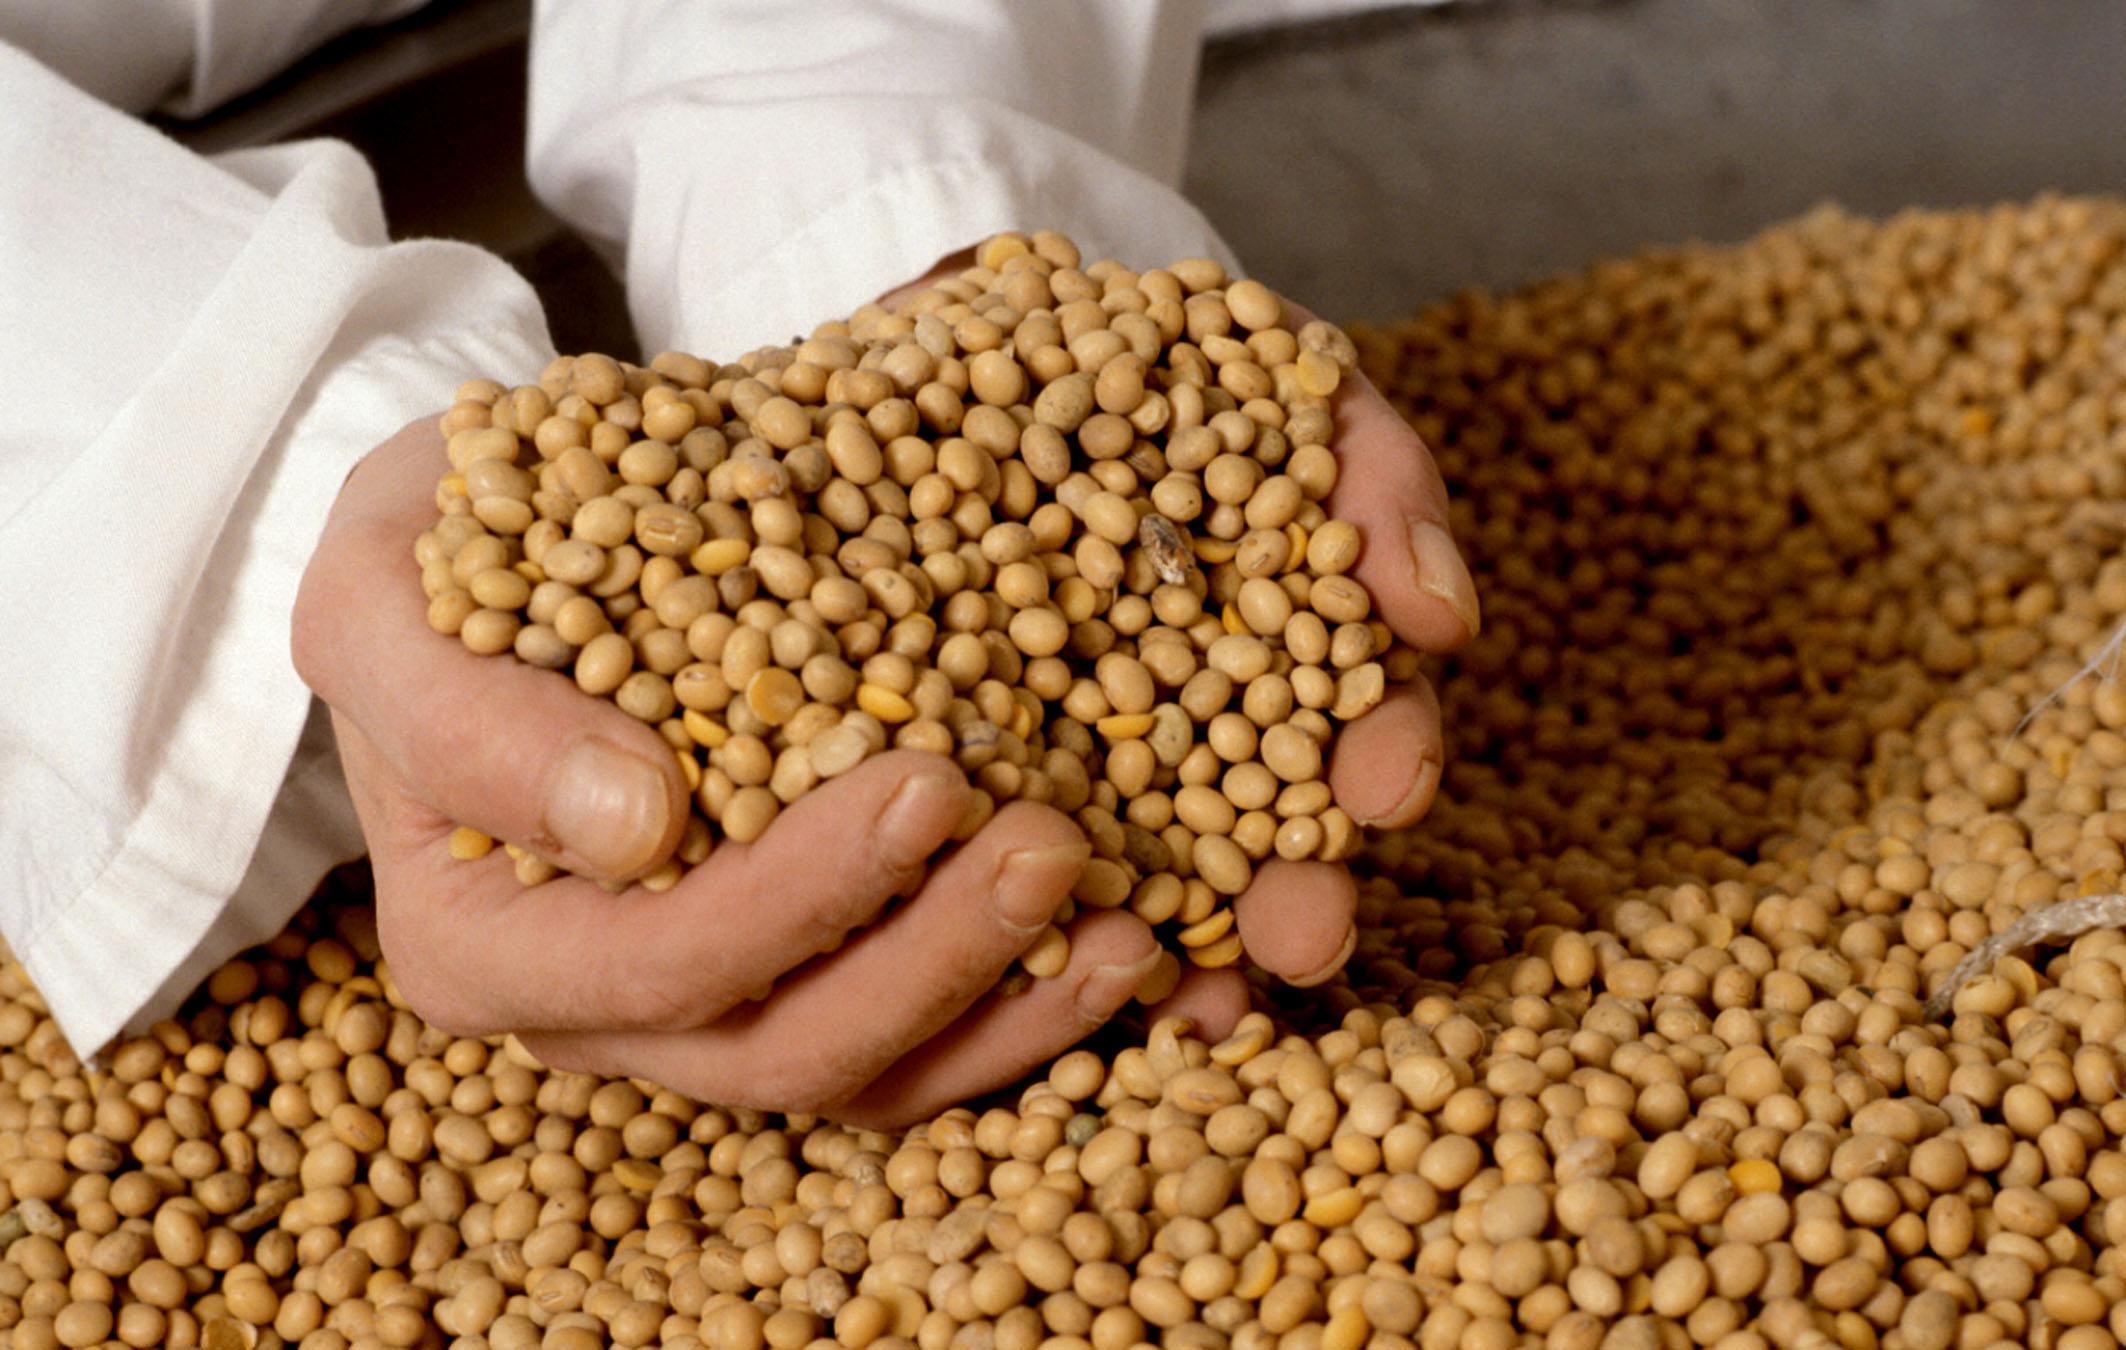 Novi cjenovni rekord zrna soje